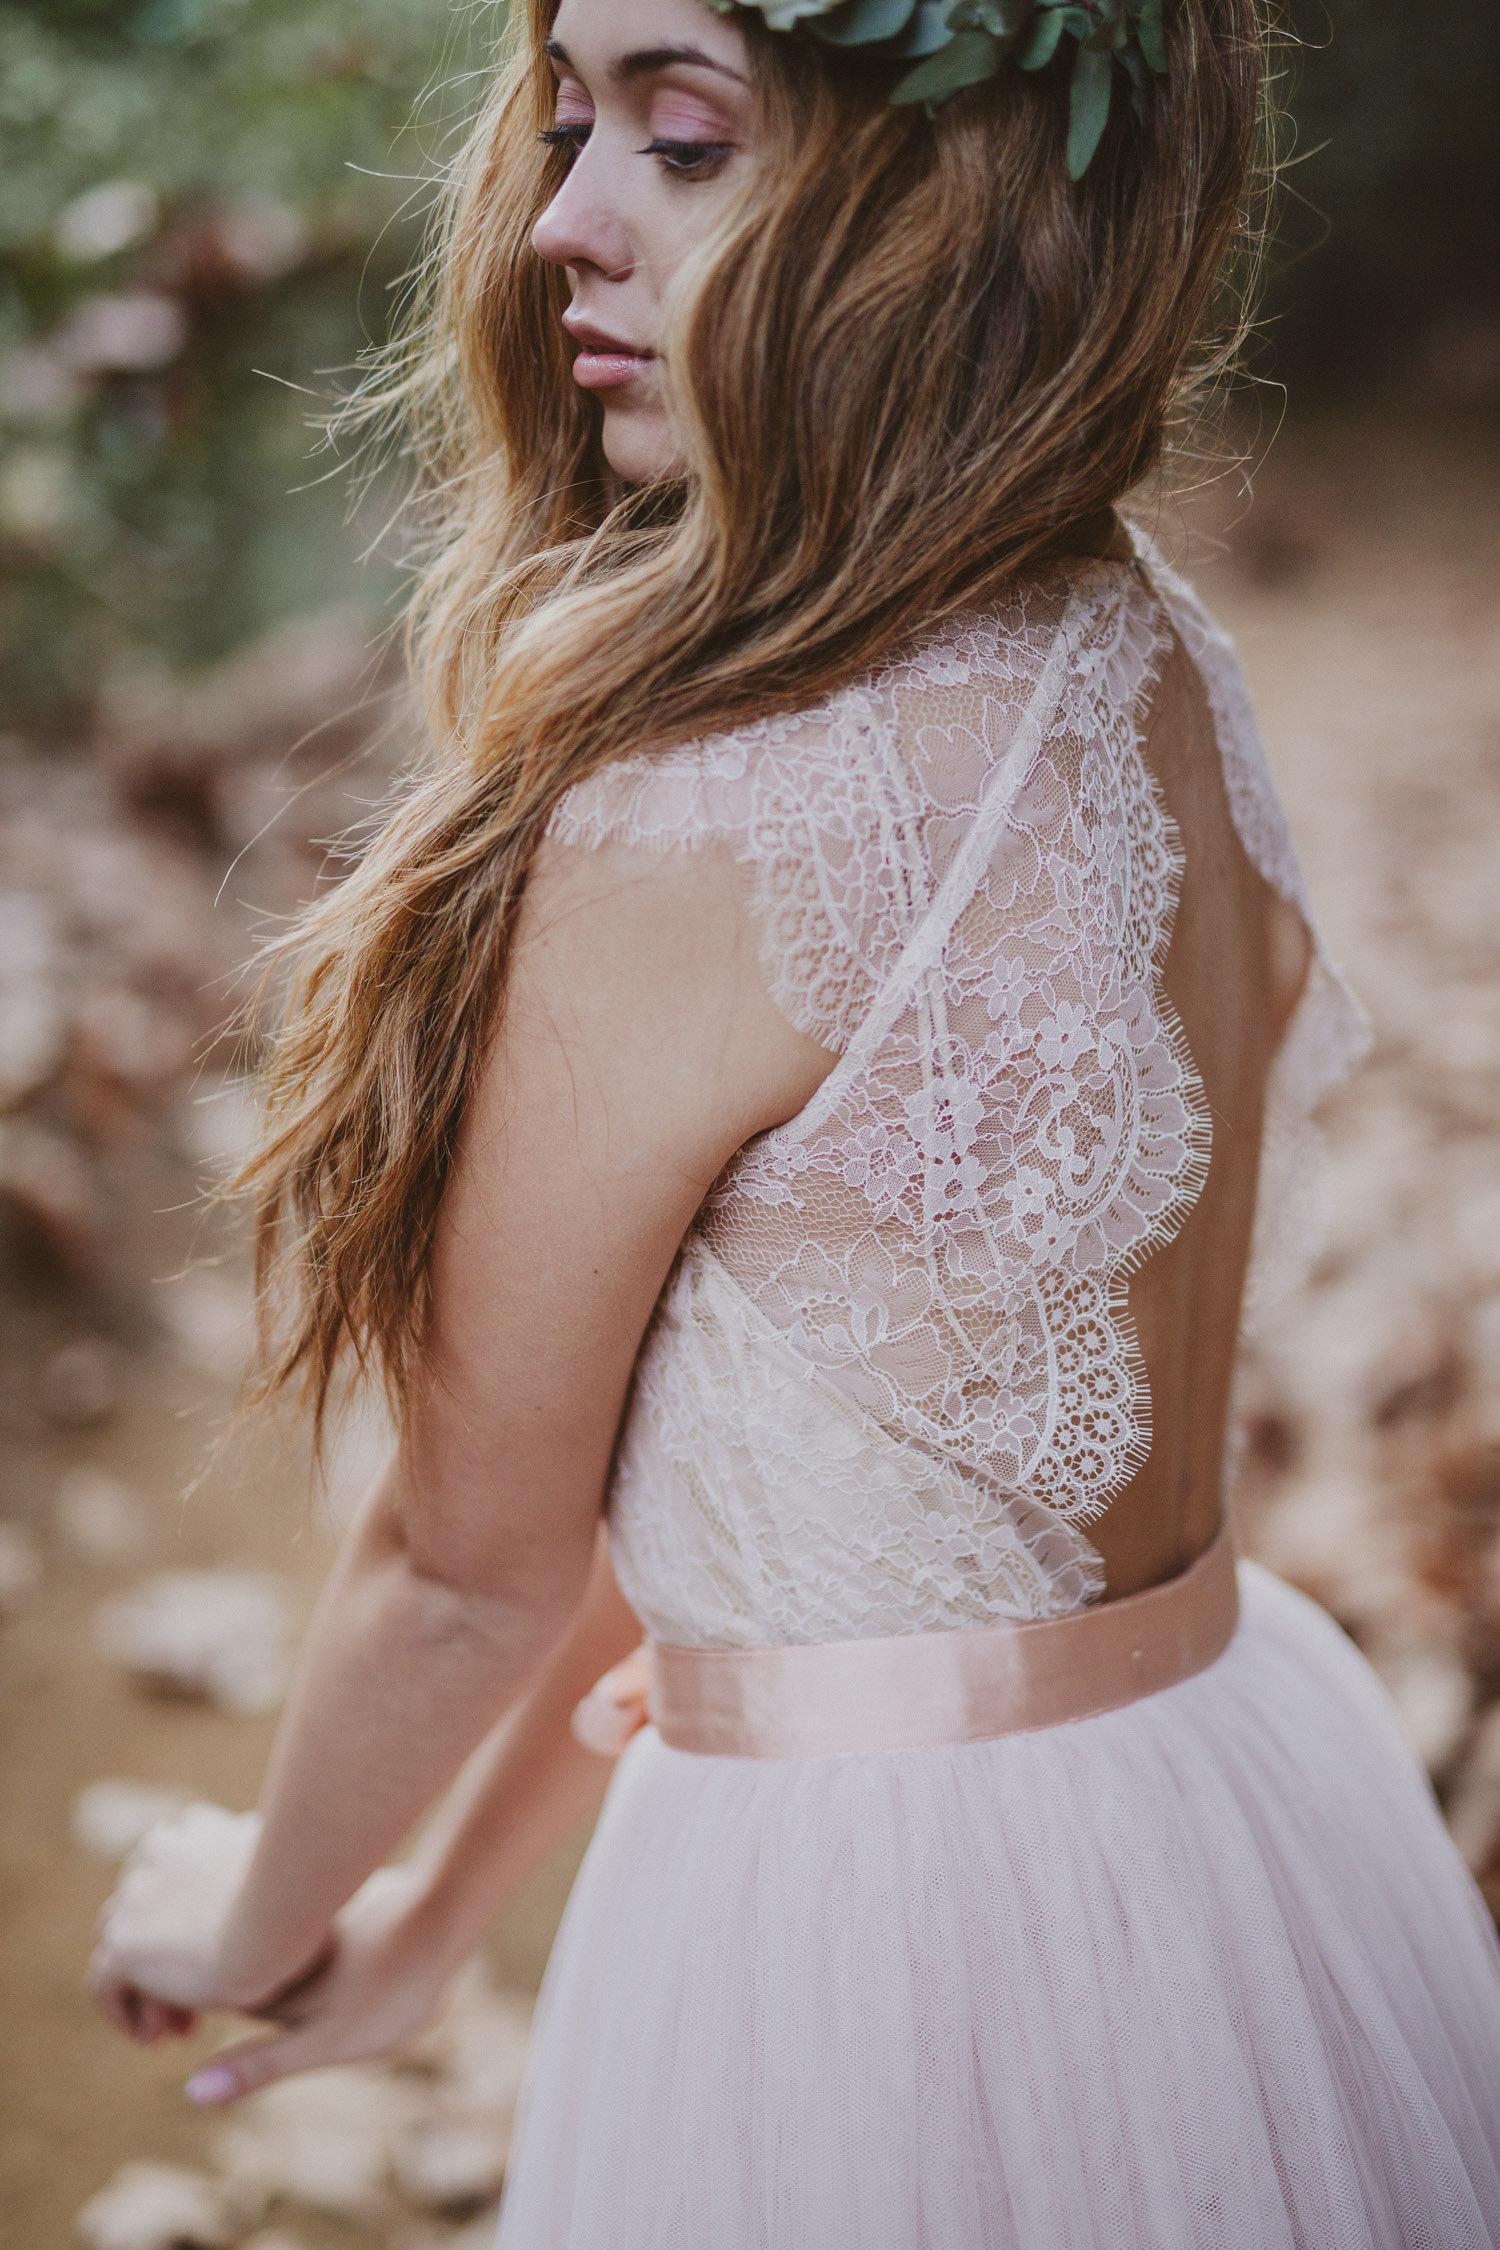 calista-one-lista-de-bodas-online-blog-de-bodas-inspiracion-vestidos-de-novia-8